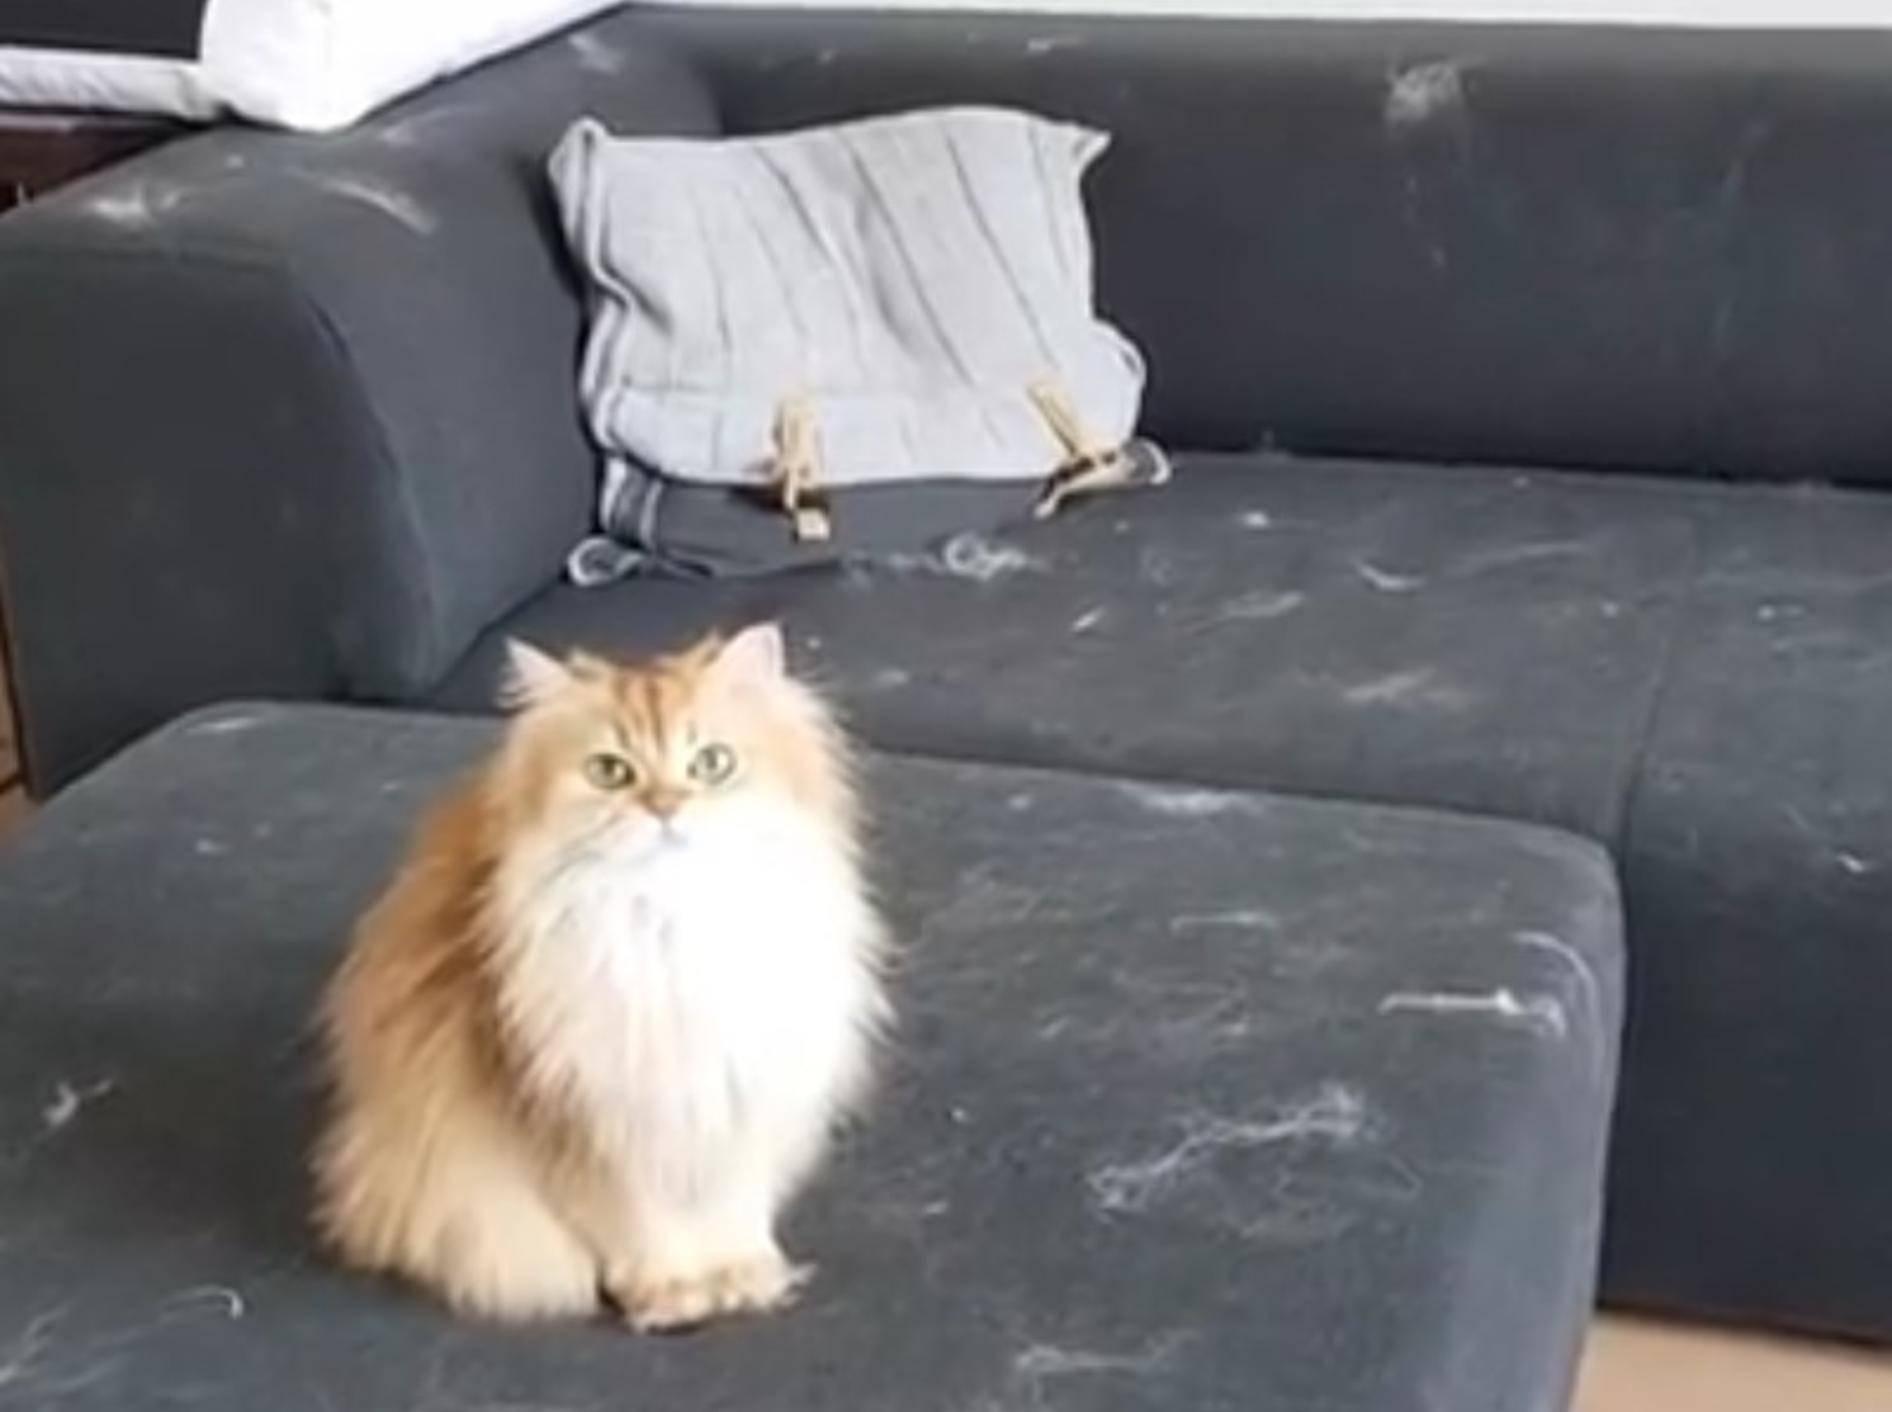 Smoothie und Milkshake dekorieren die Couch mit ihren Haaren – YouTube / smoothiethecat